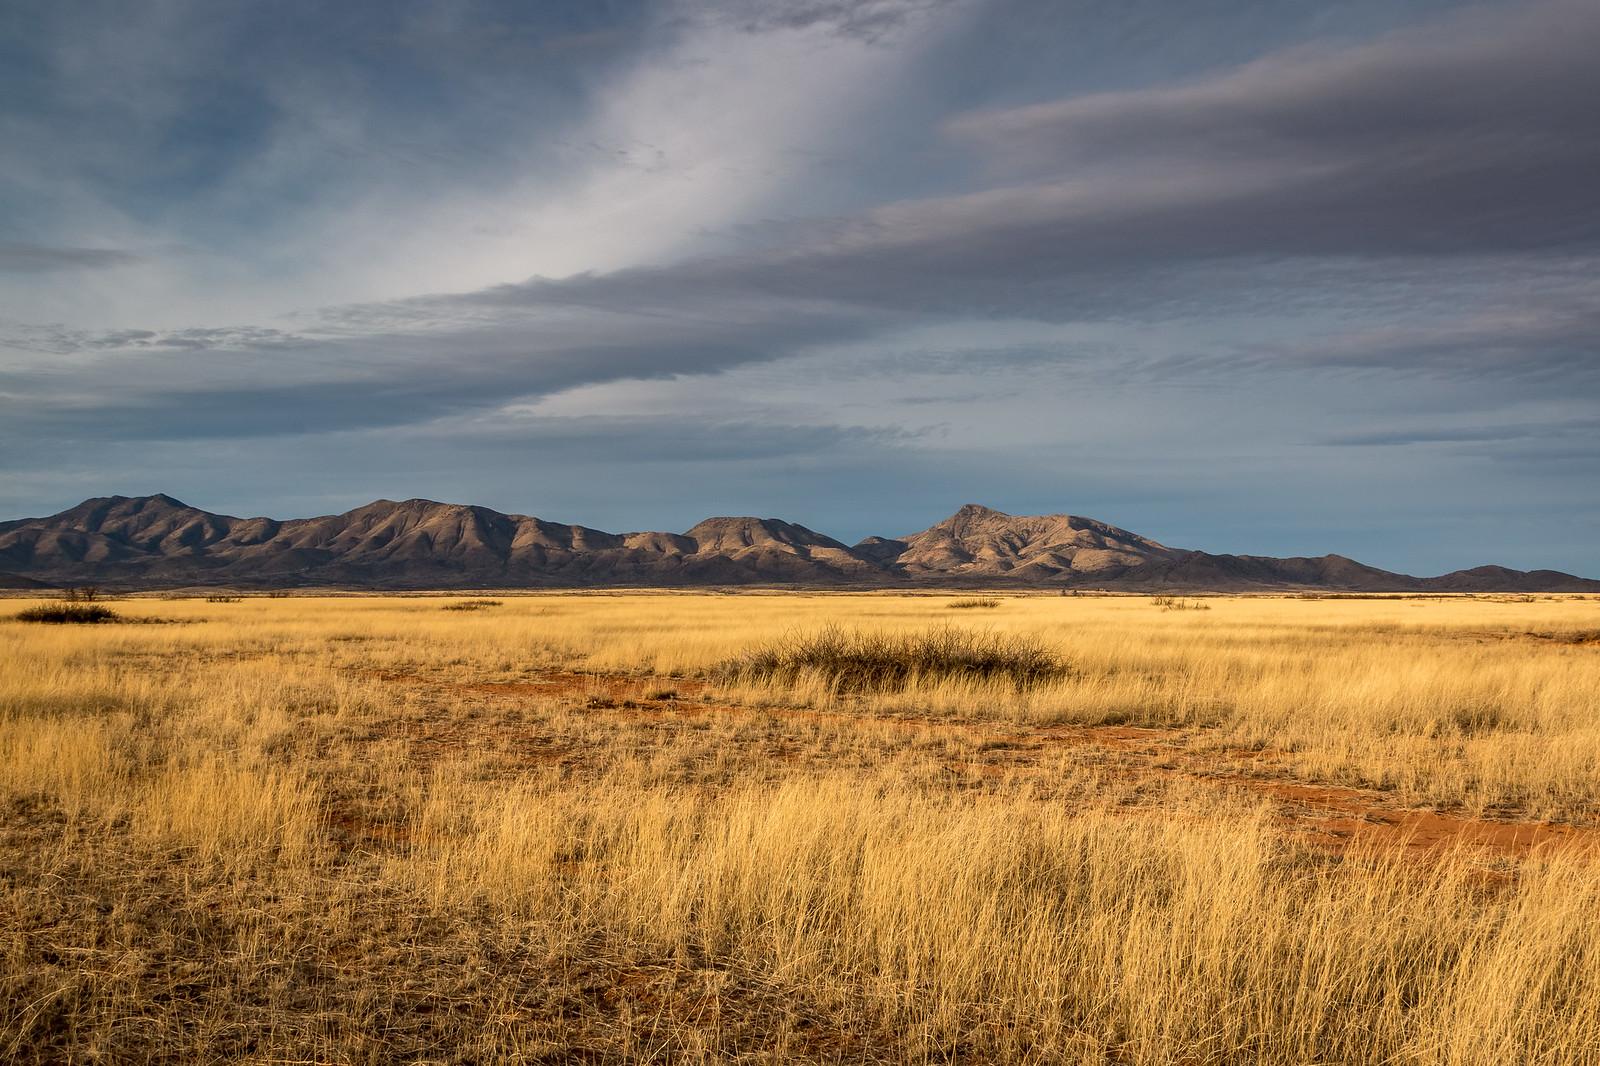 Chiricahua - Arizona - [USA]